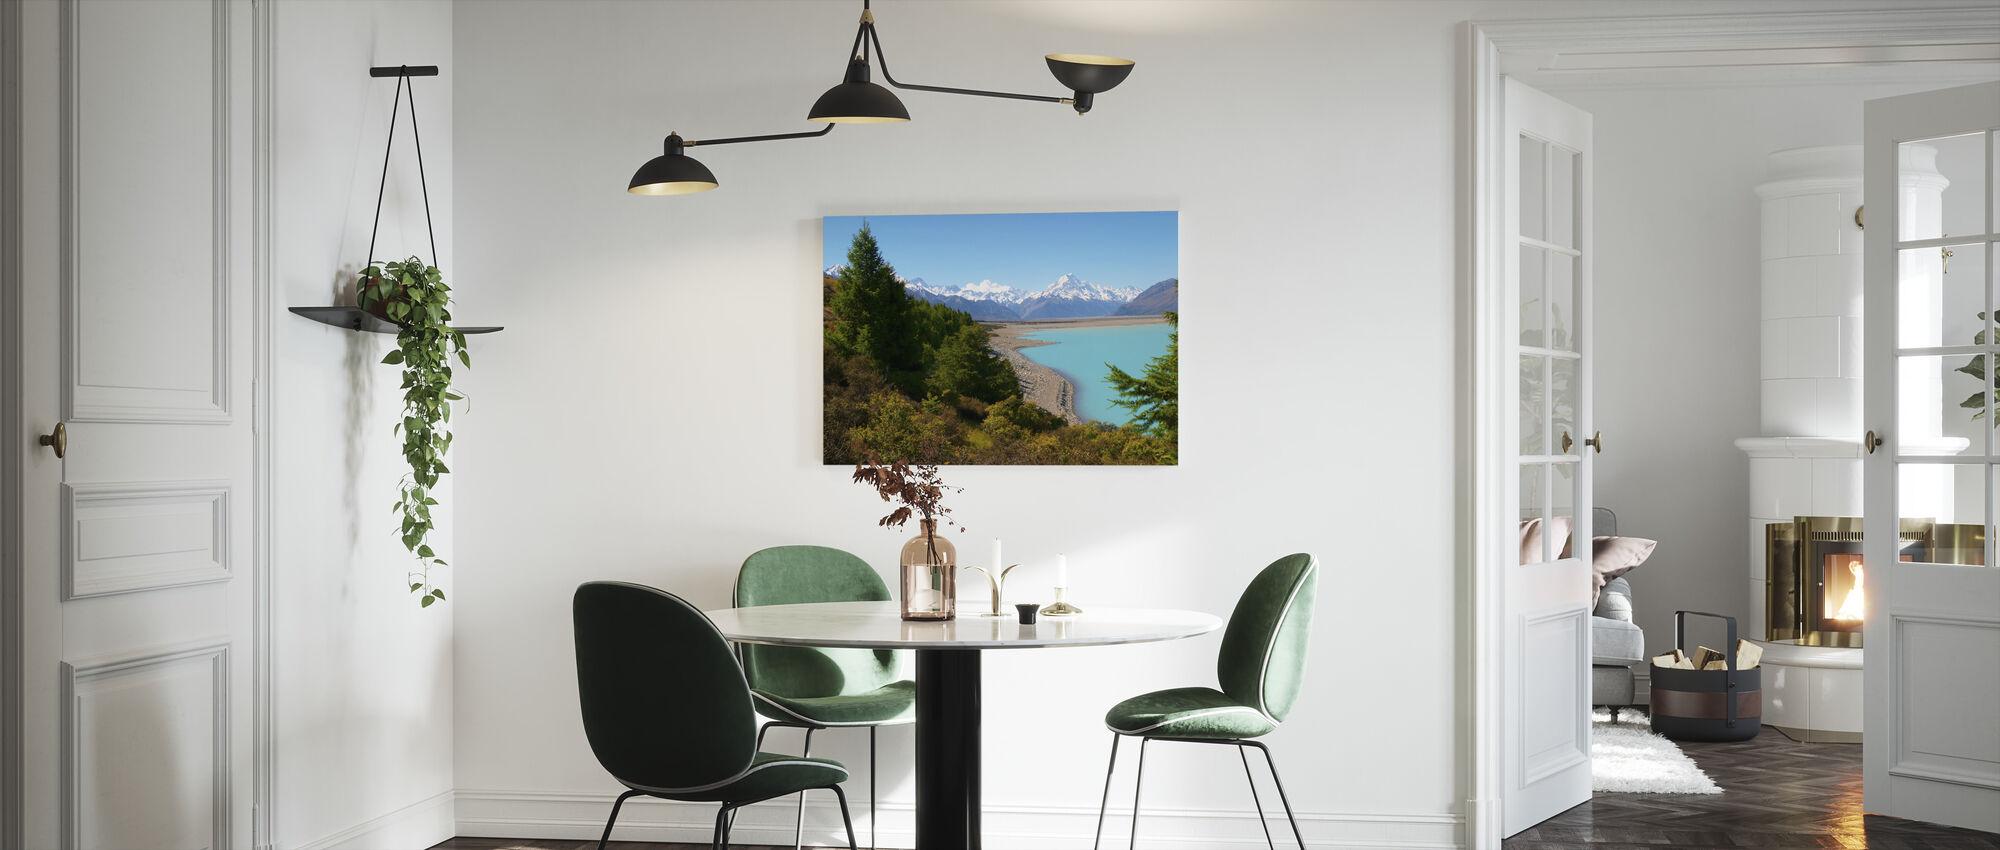 Pukaki-meer - Canvas print - Keuken